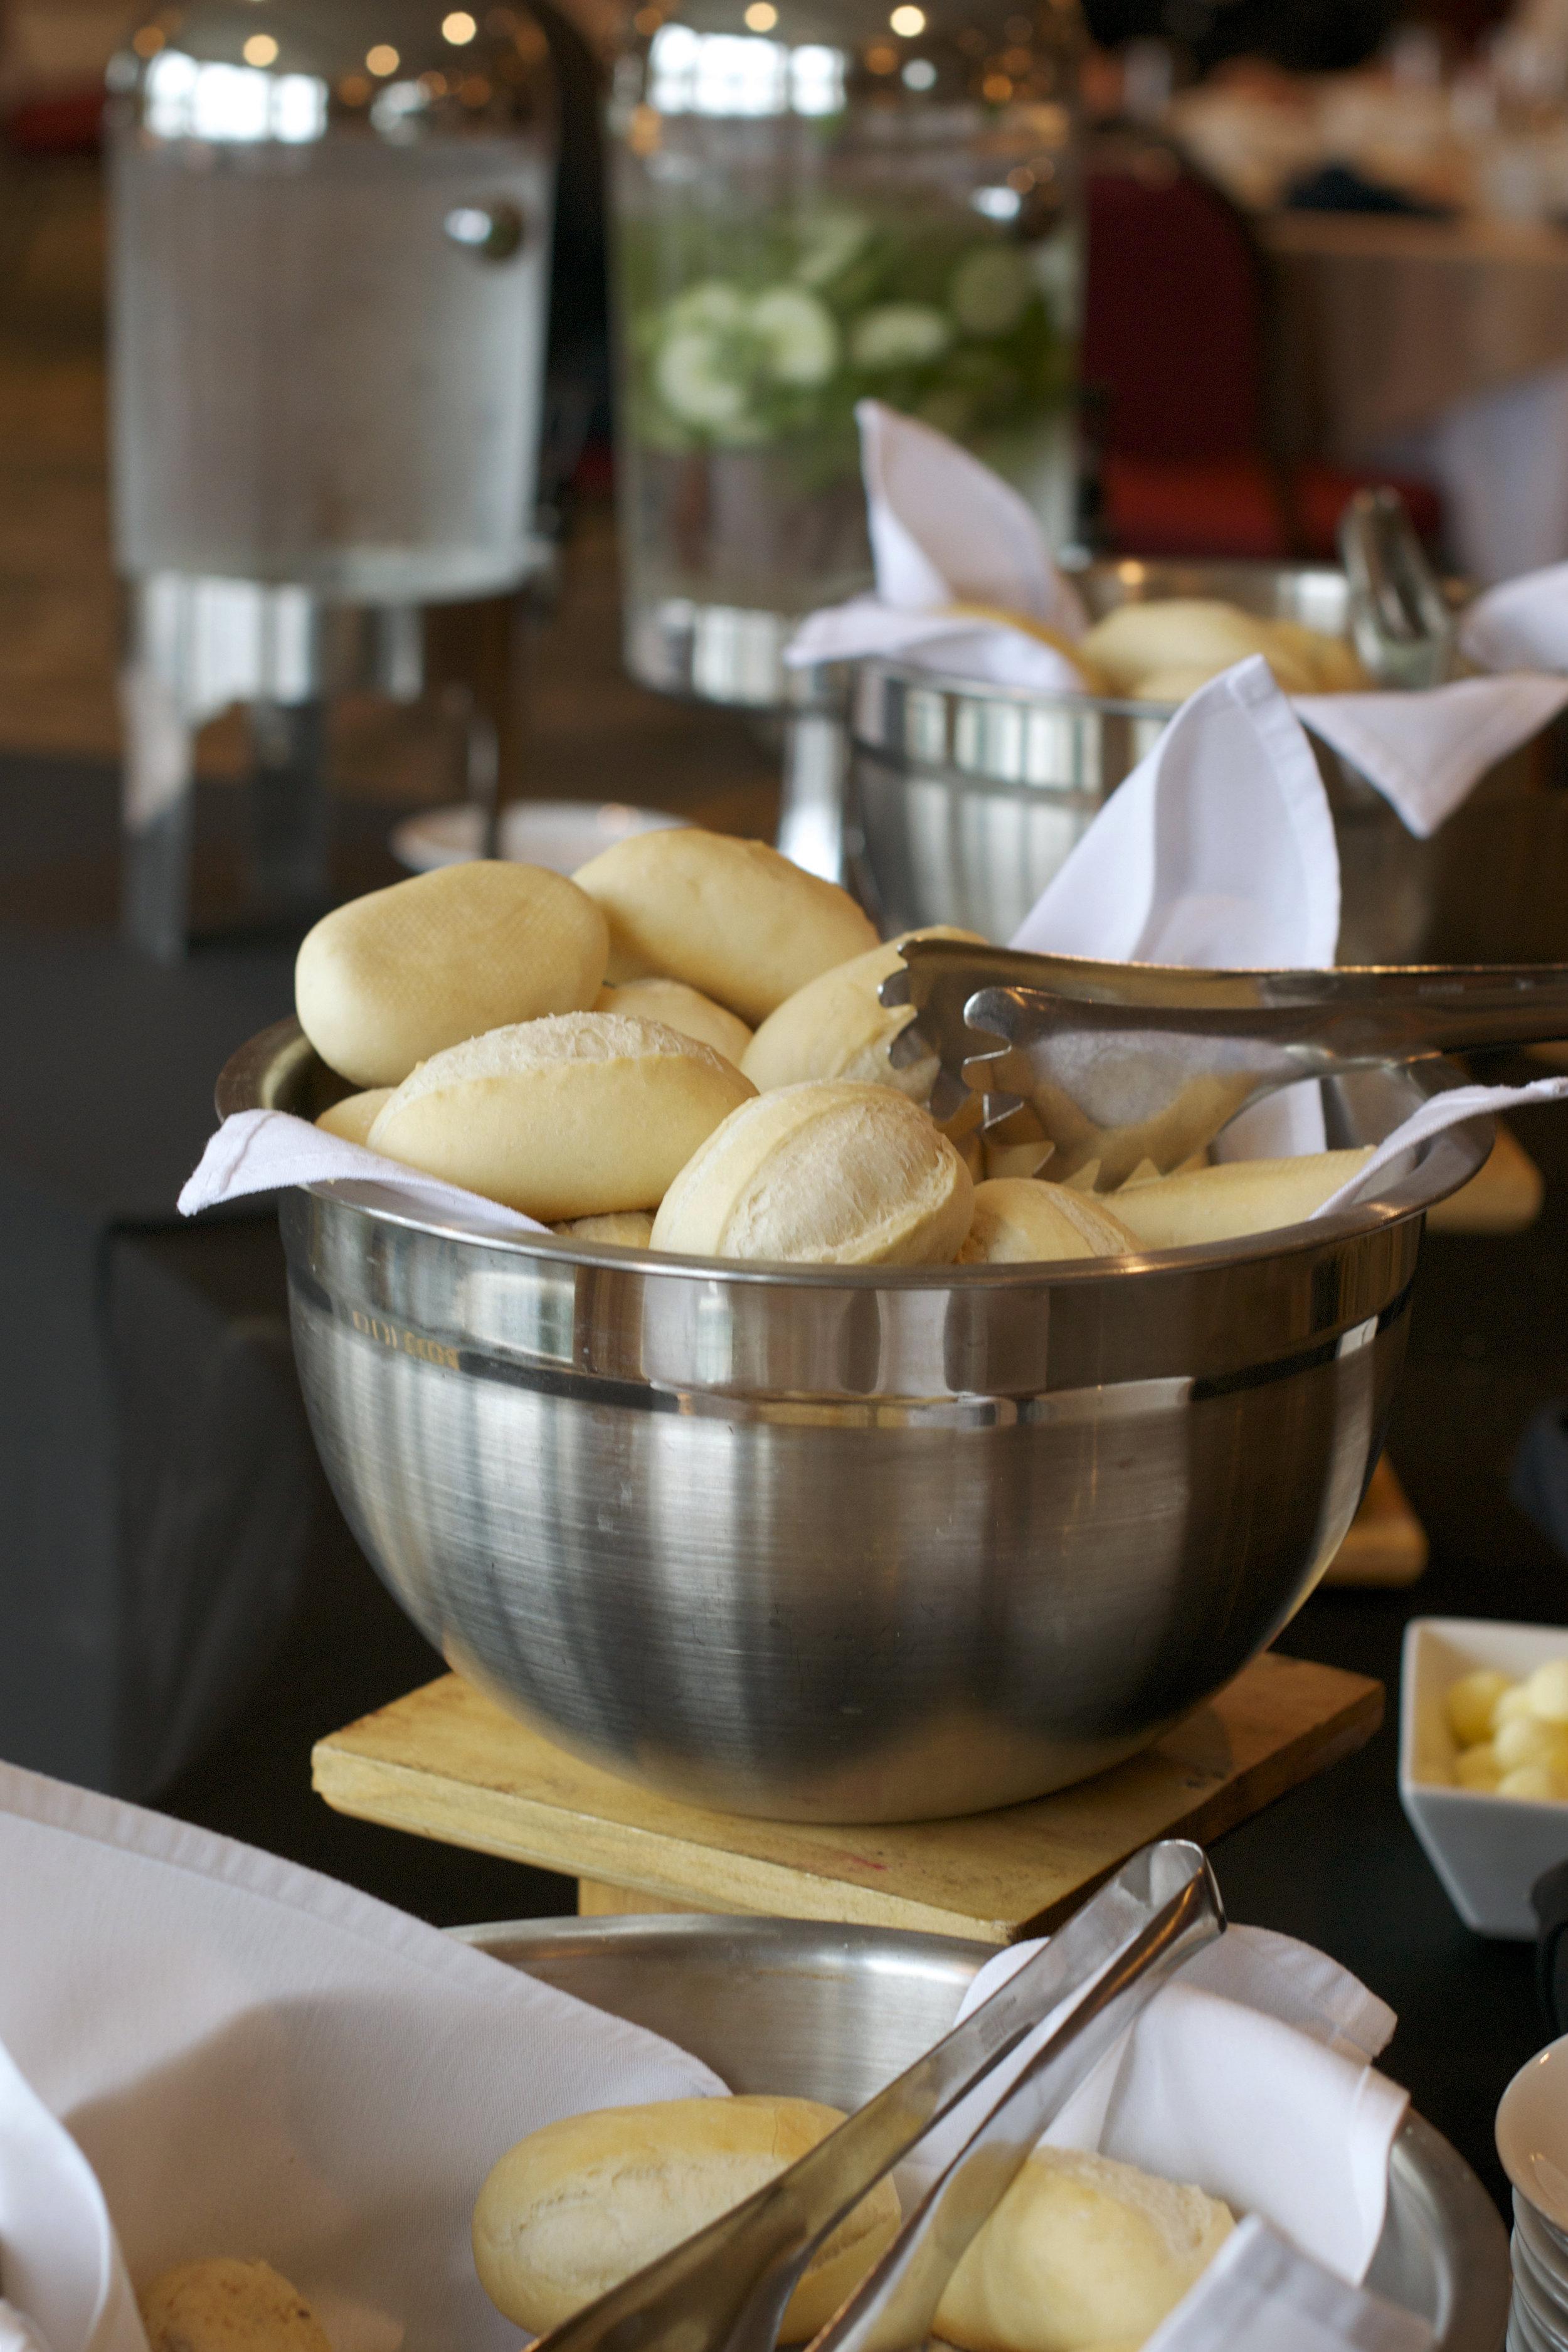 bread-table-chowder.jpg